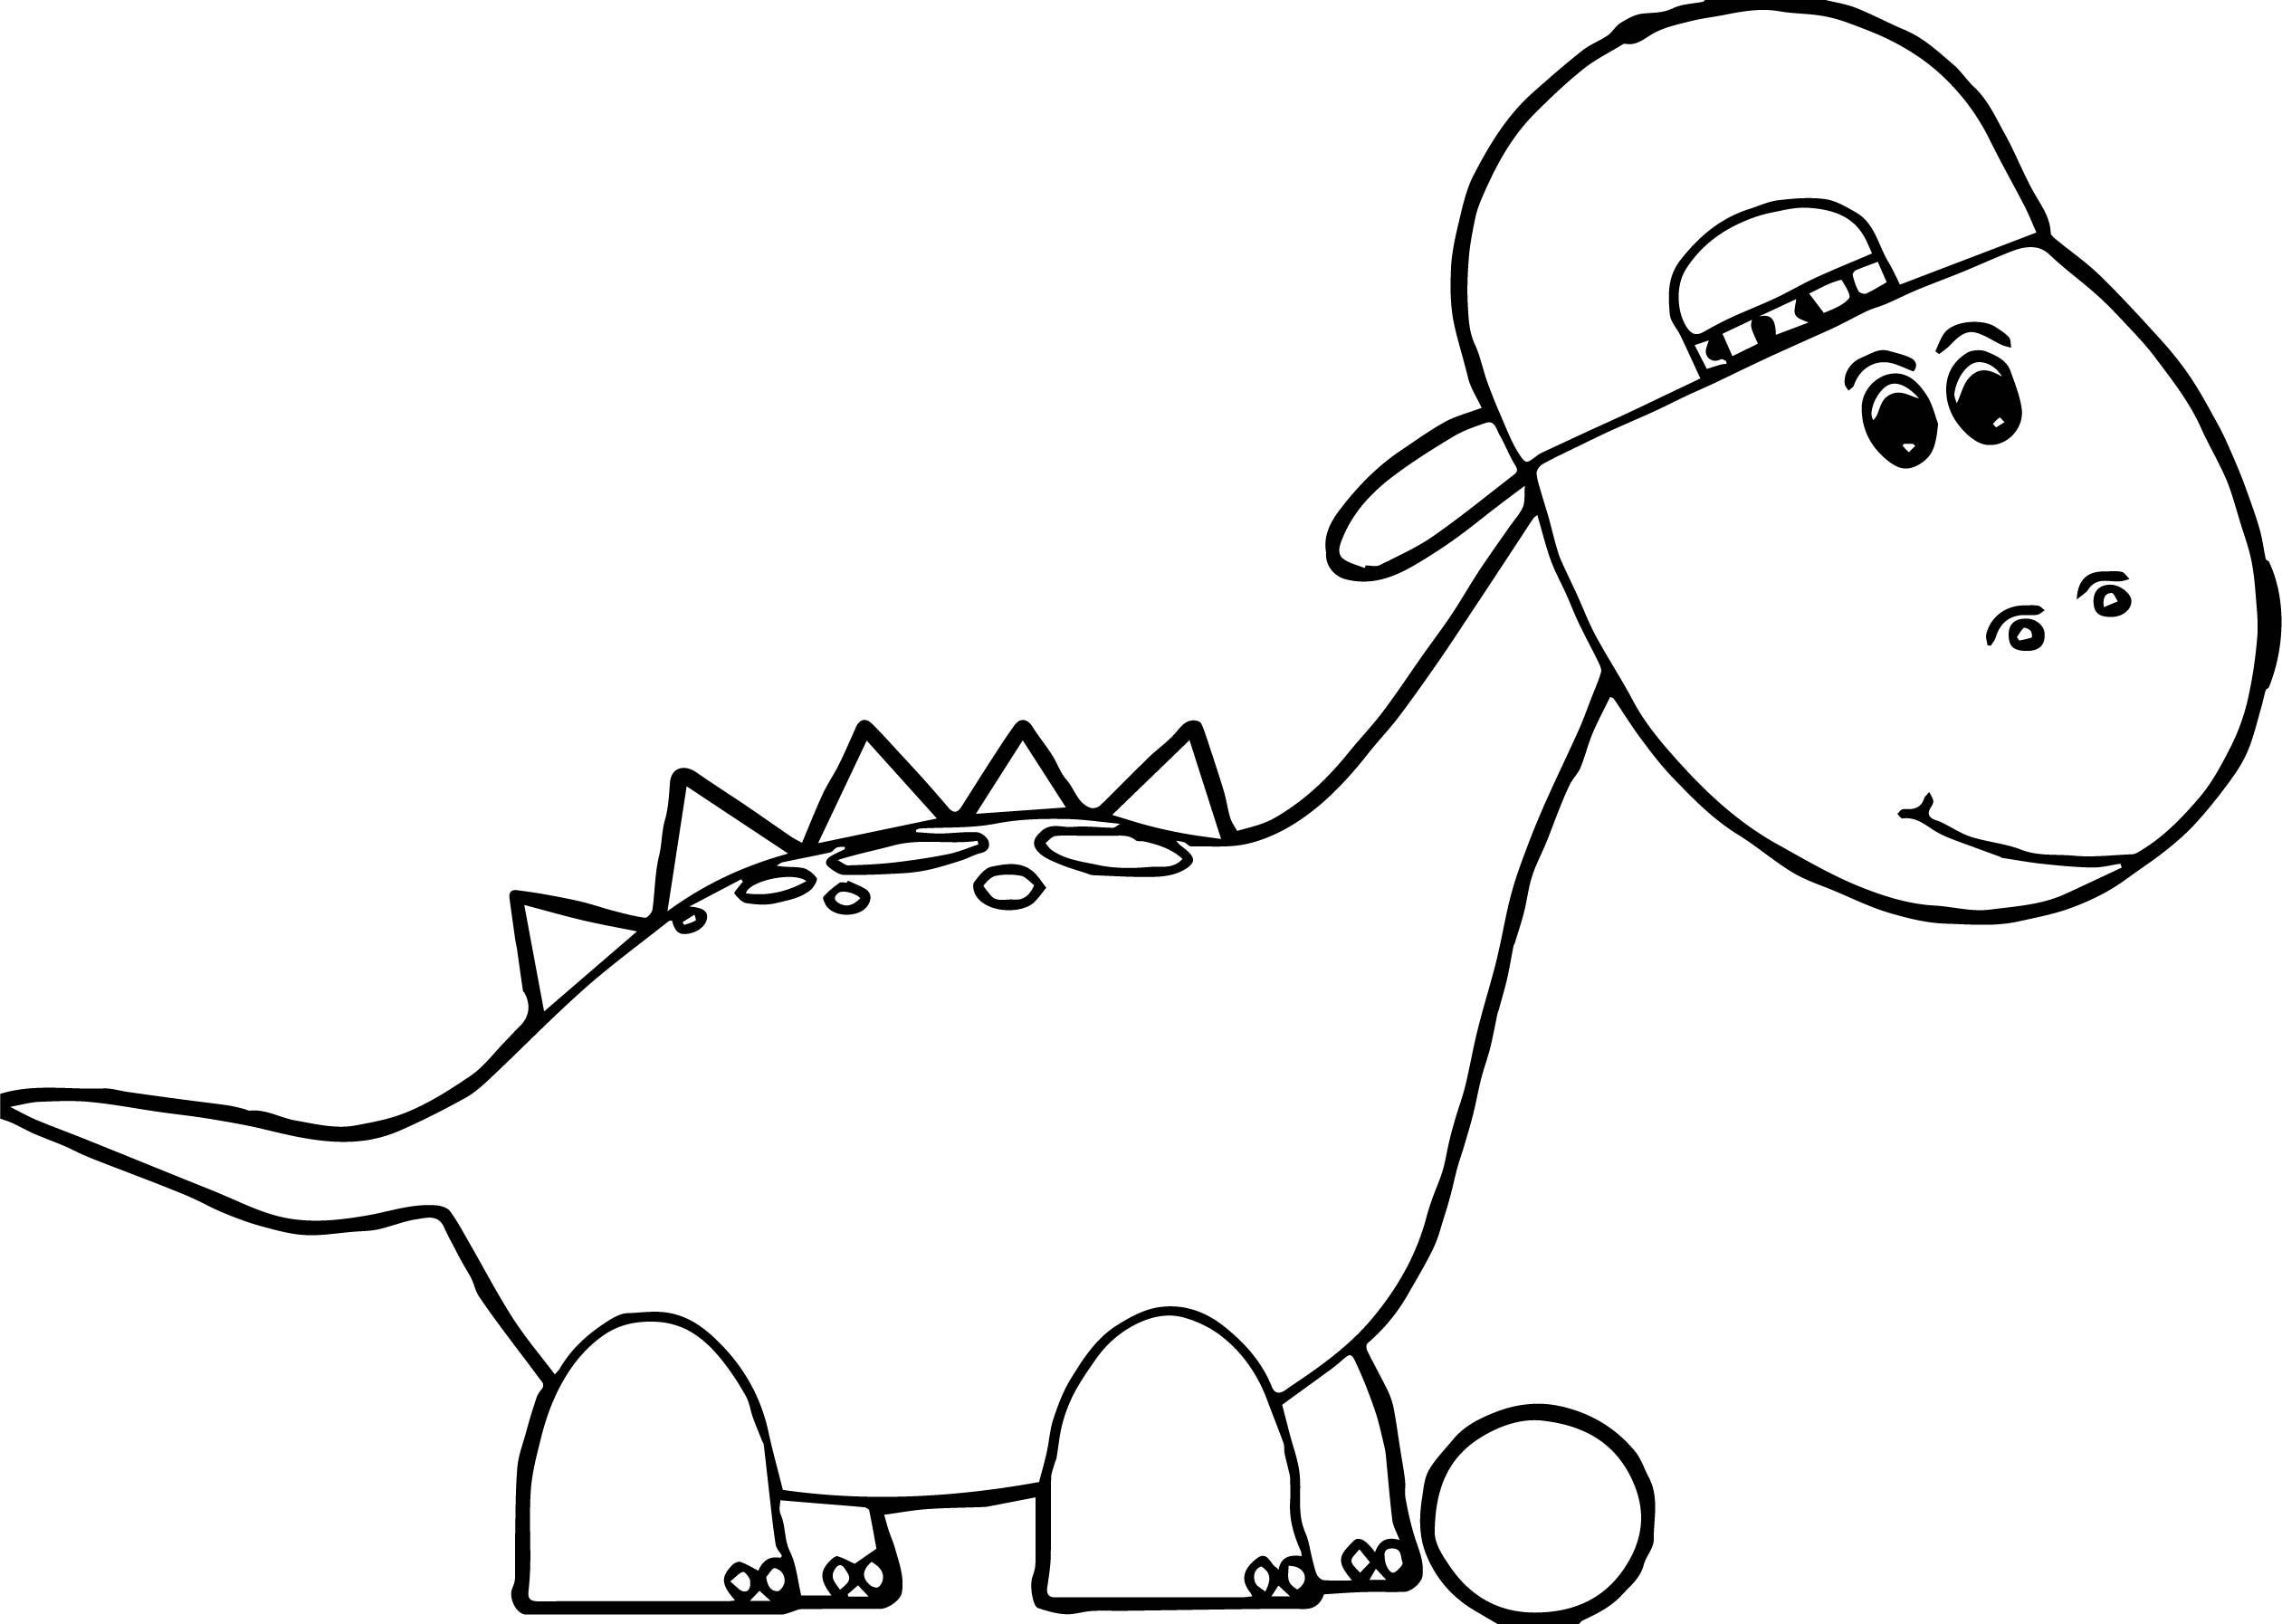 95 Coloring Book Jesus Riding Dinosaur